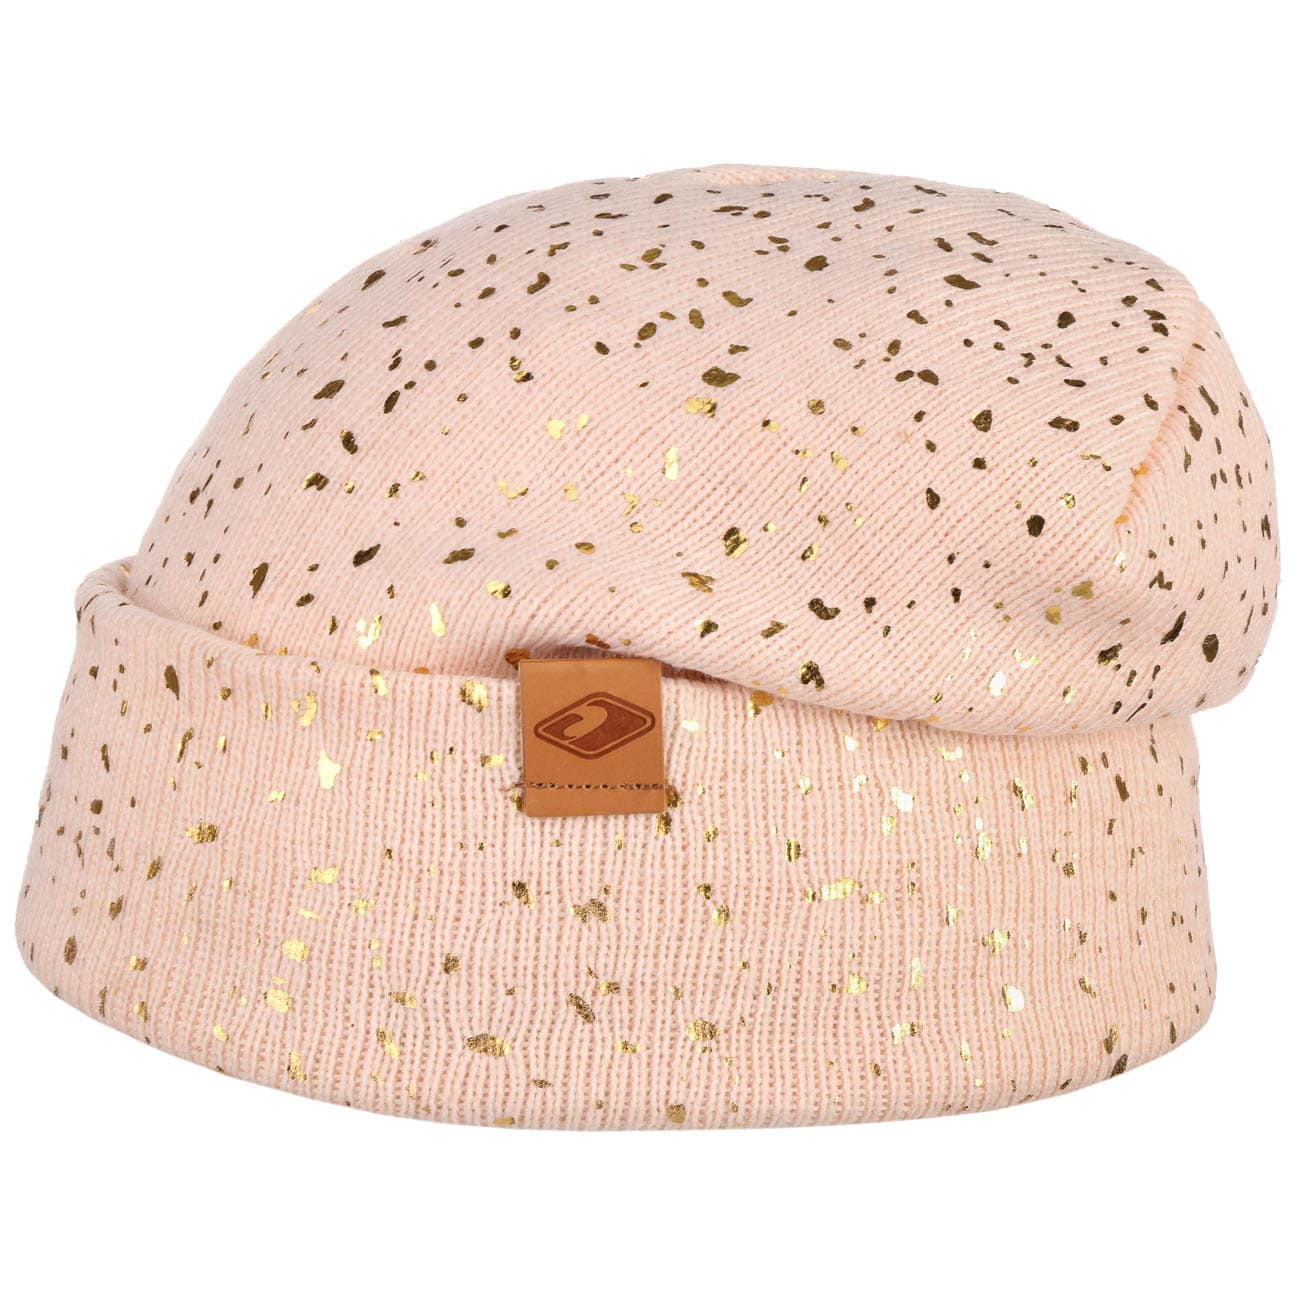 Bonnet Mabela Metallic Dots by Chillouts  bonnet en tricot